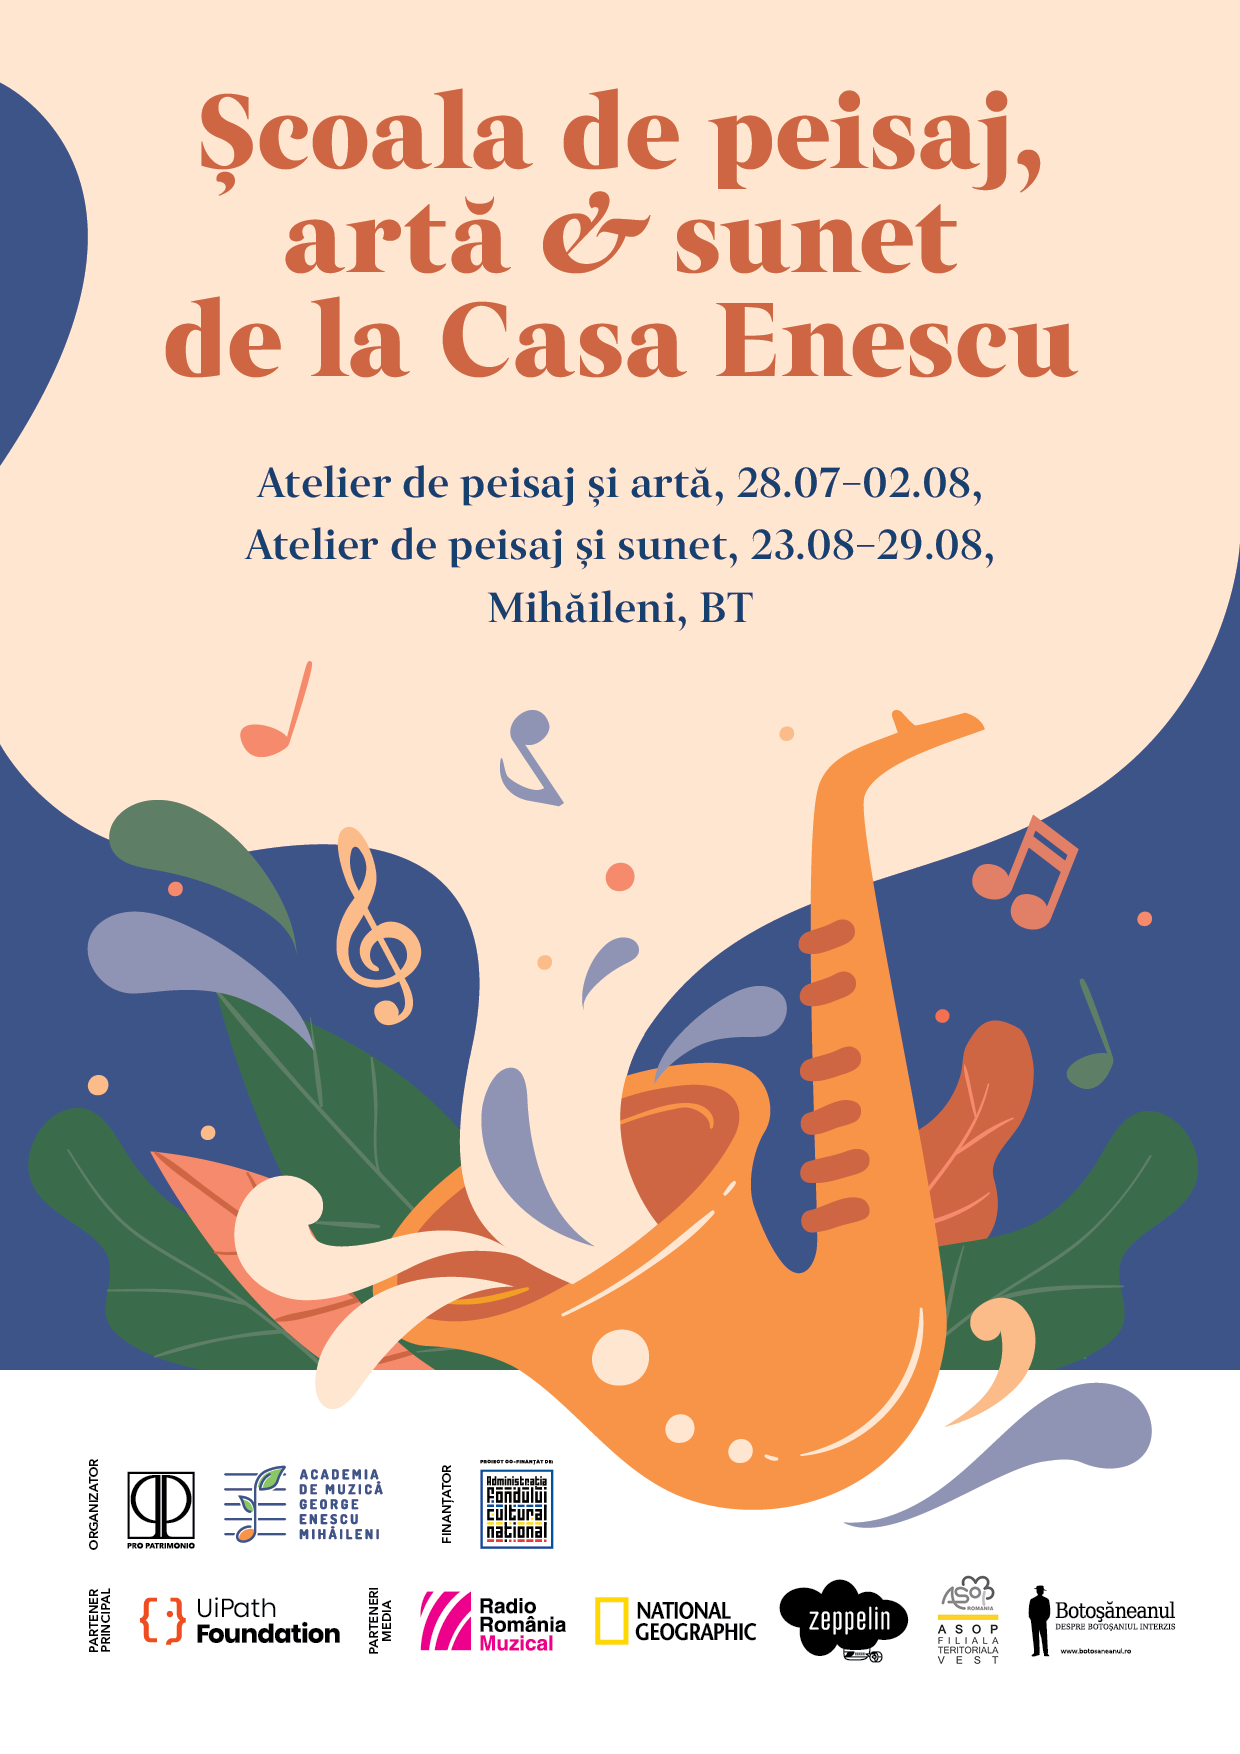 Școala de peisaj, artă și sunet la Casa George Enescu de la Mihăileni